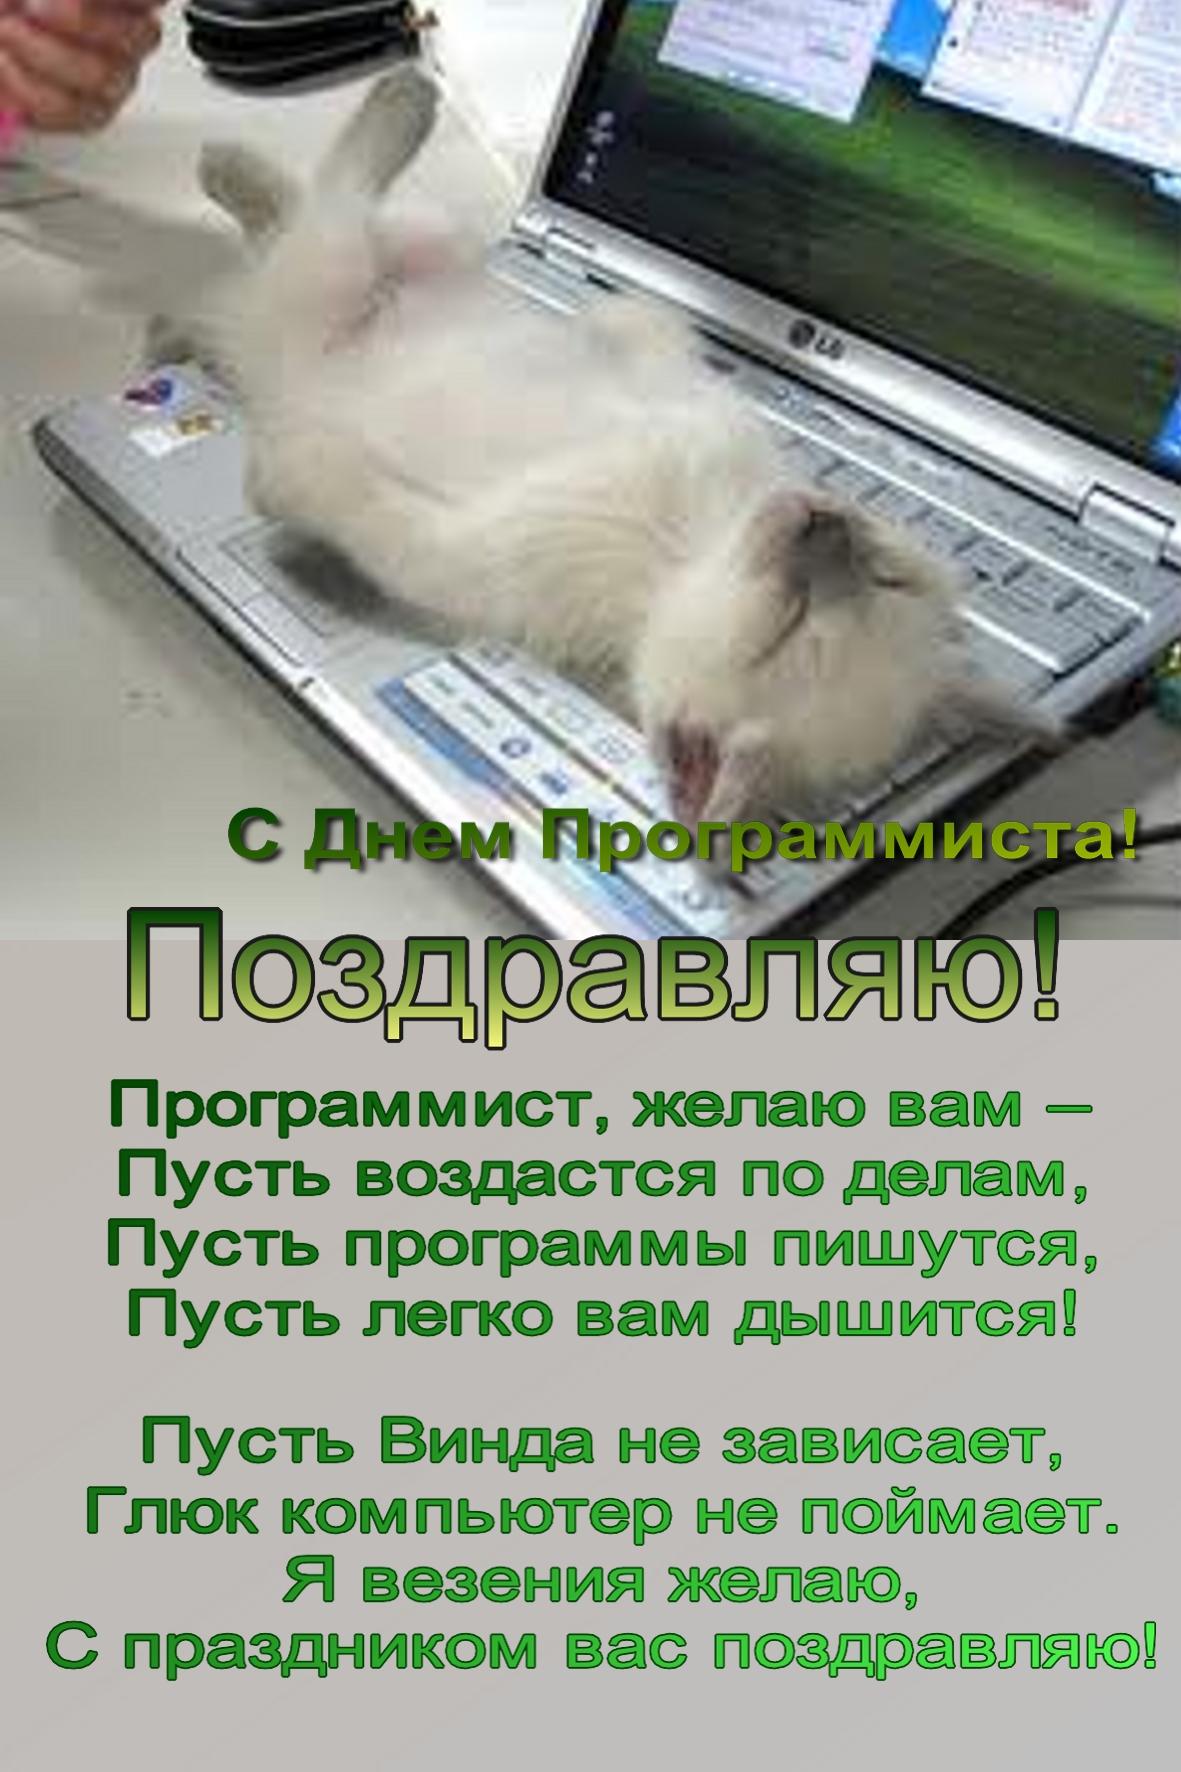 Поздравления программисту открытки